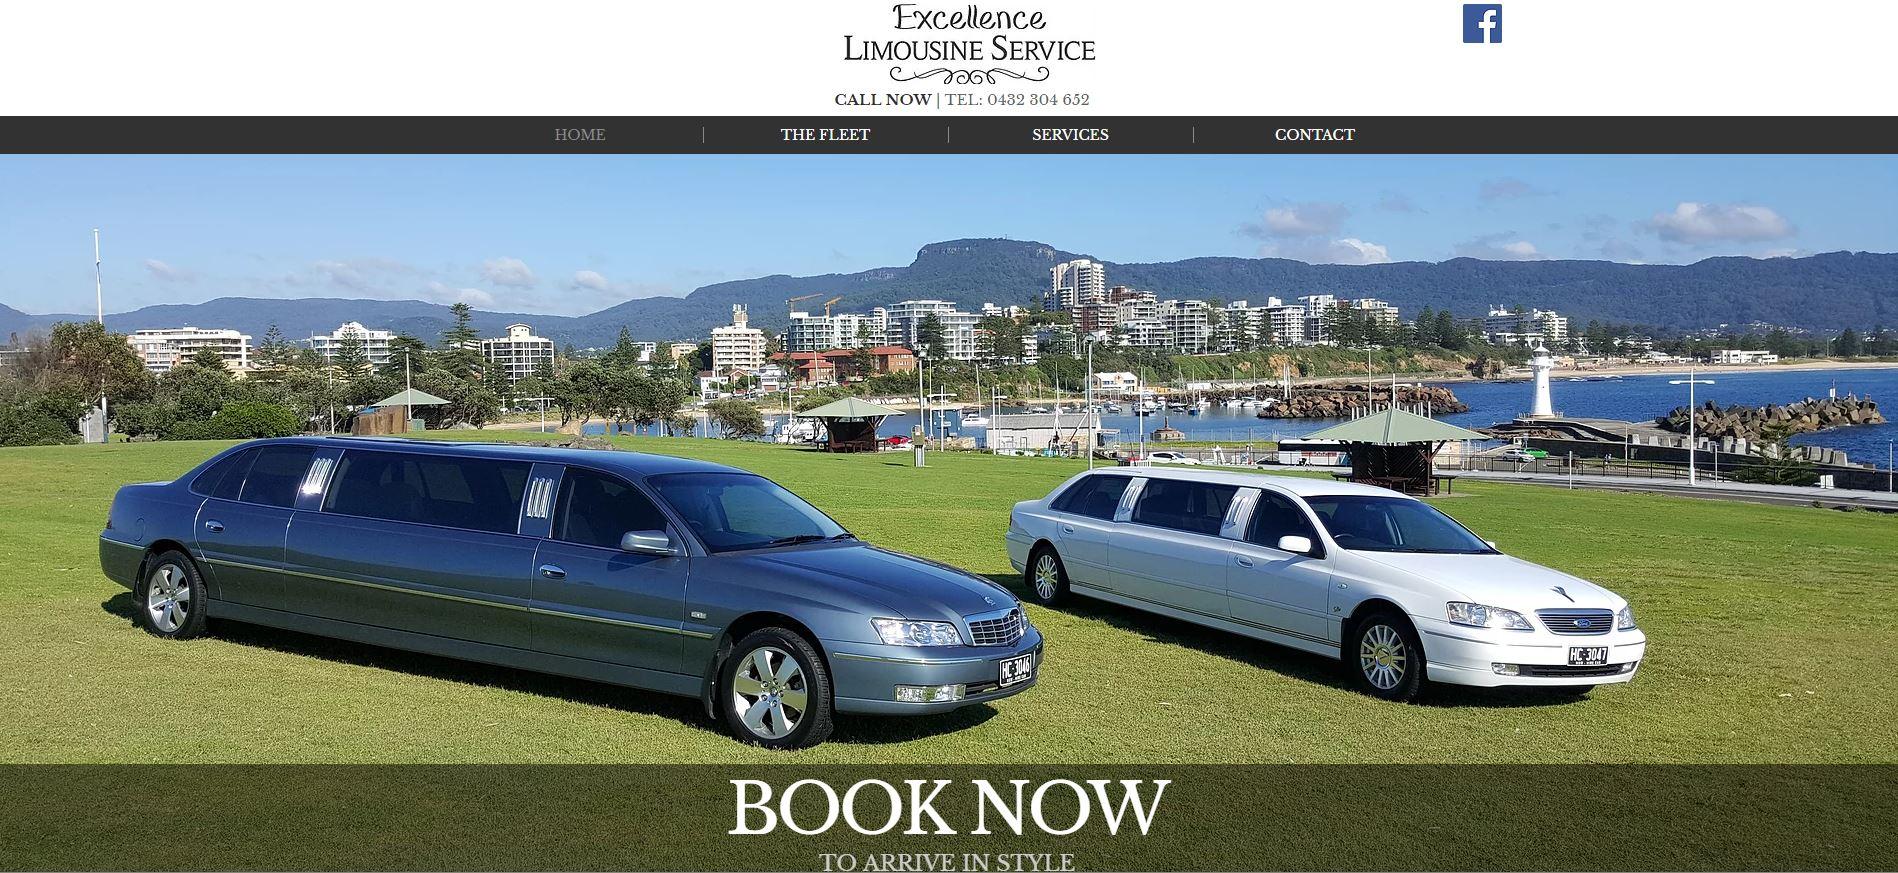 Excellence Limousine Service